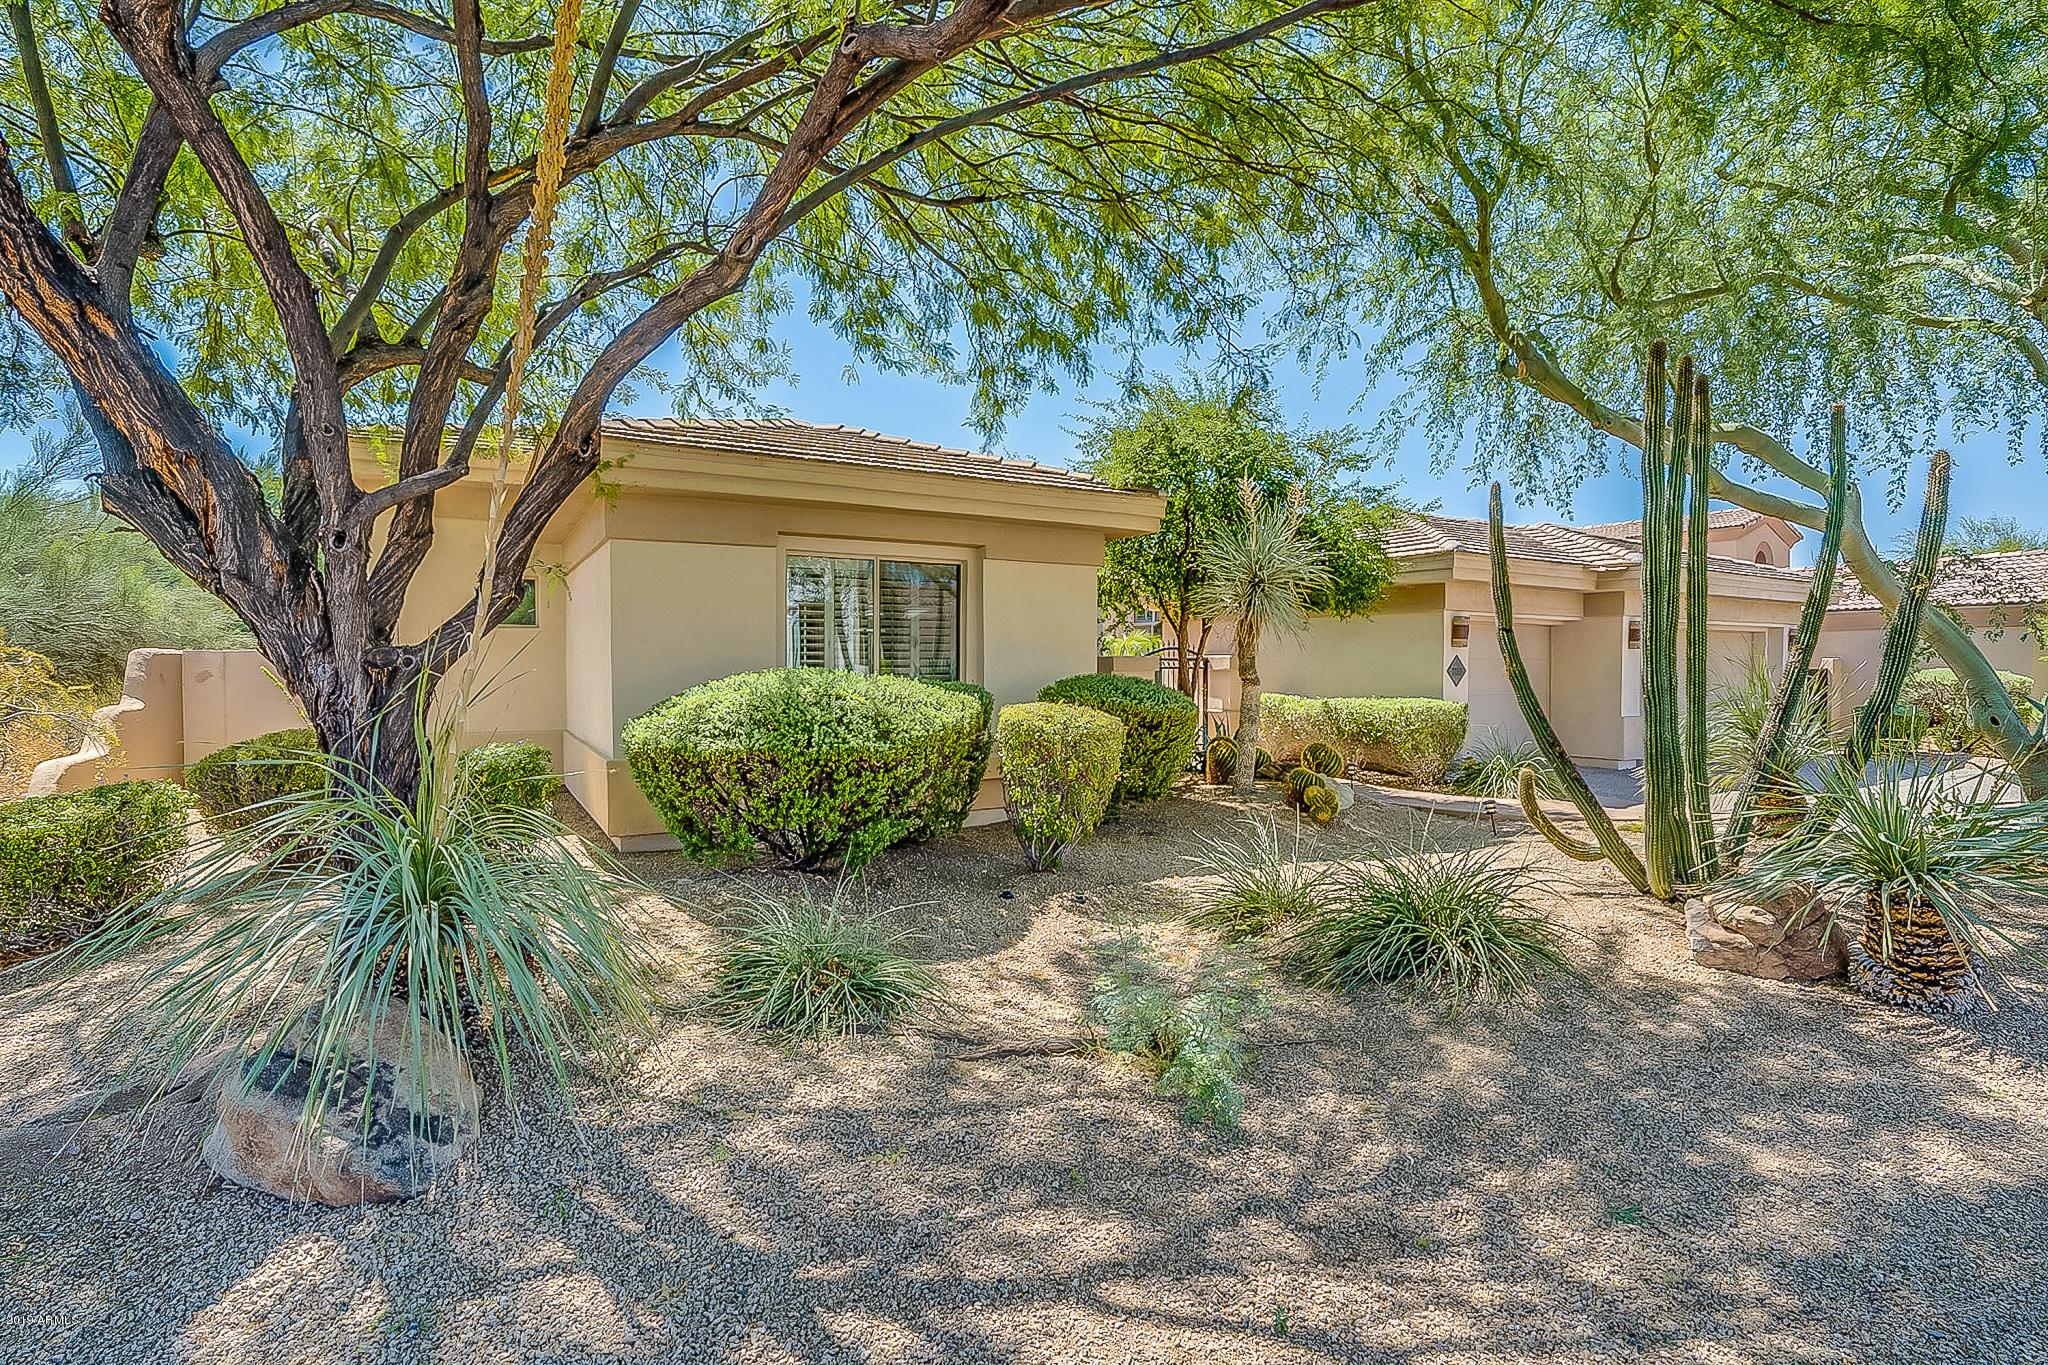 Photo of 7783 E Fledgling Drive, Scottsdale, AZ 85255